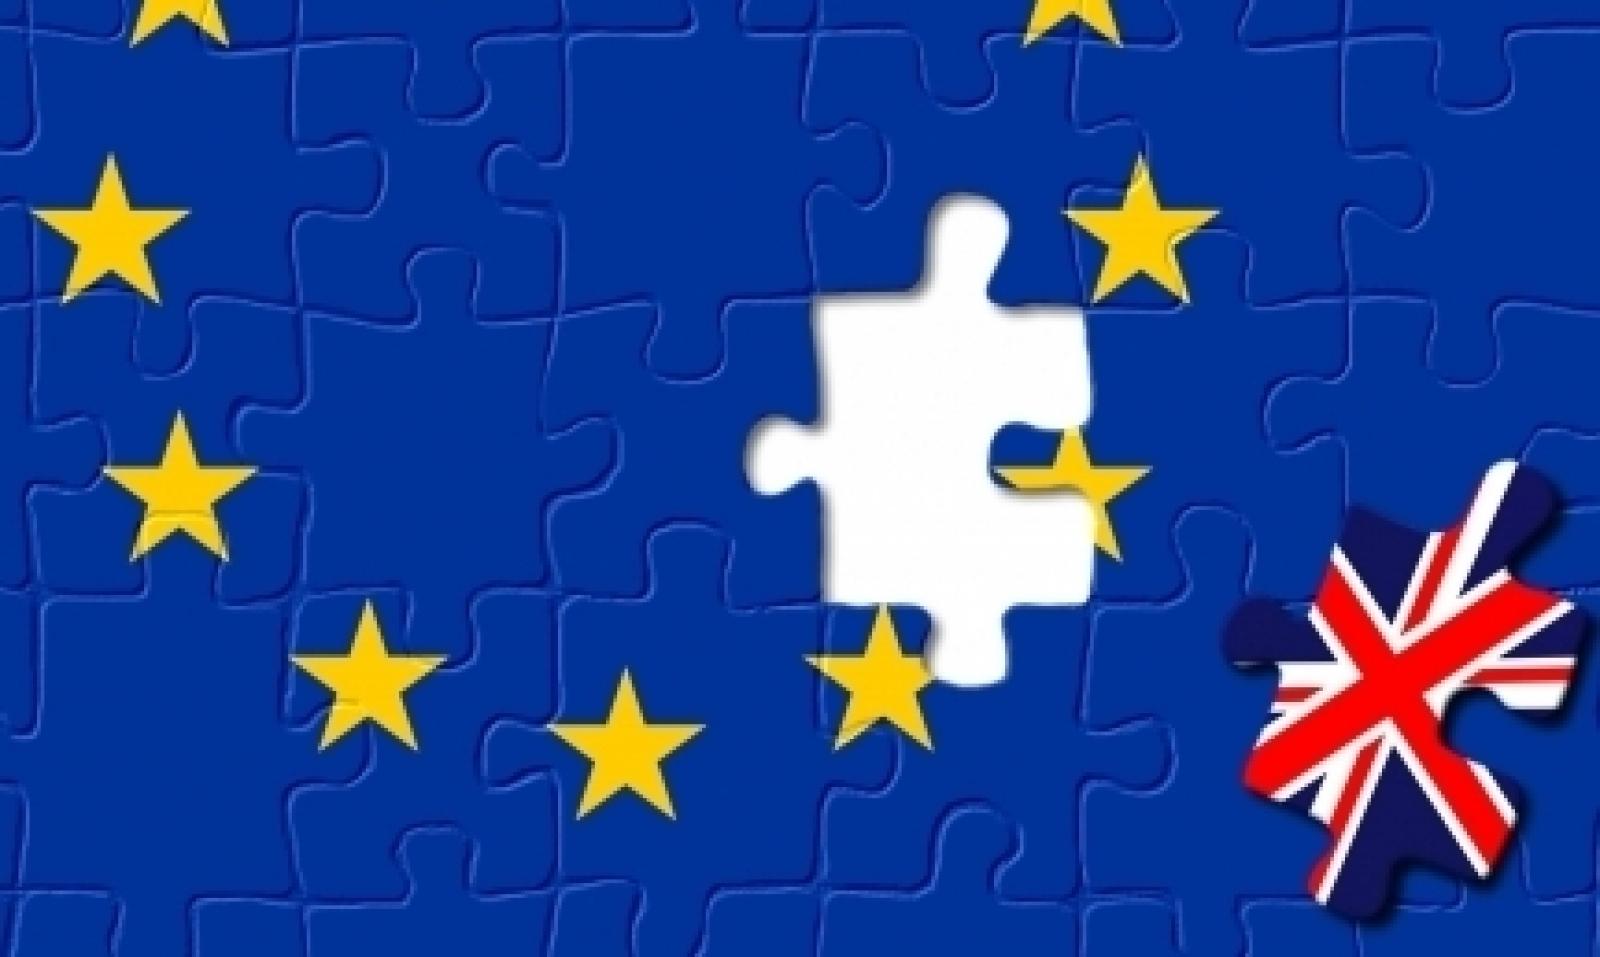 ЕСможет предложить уменьшить переходный период после Brexit до20 месяцев— Guardian